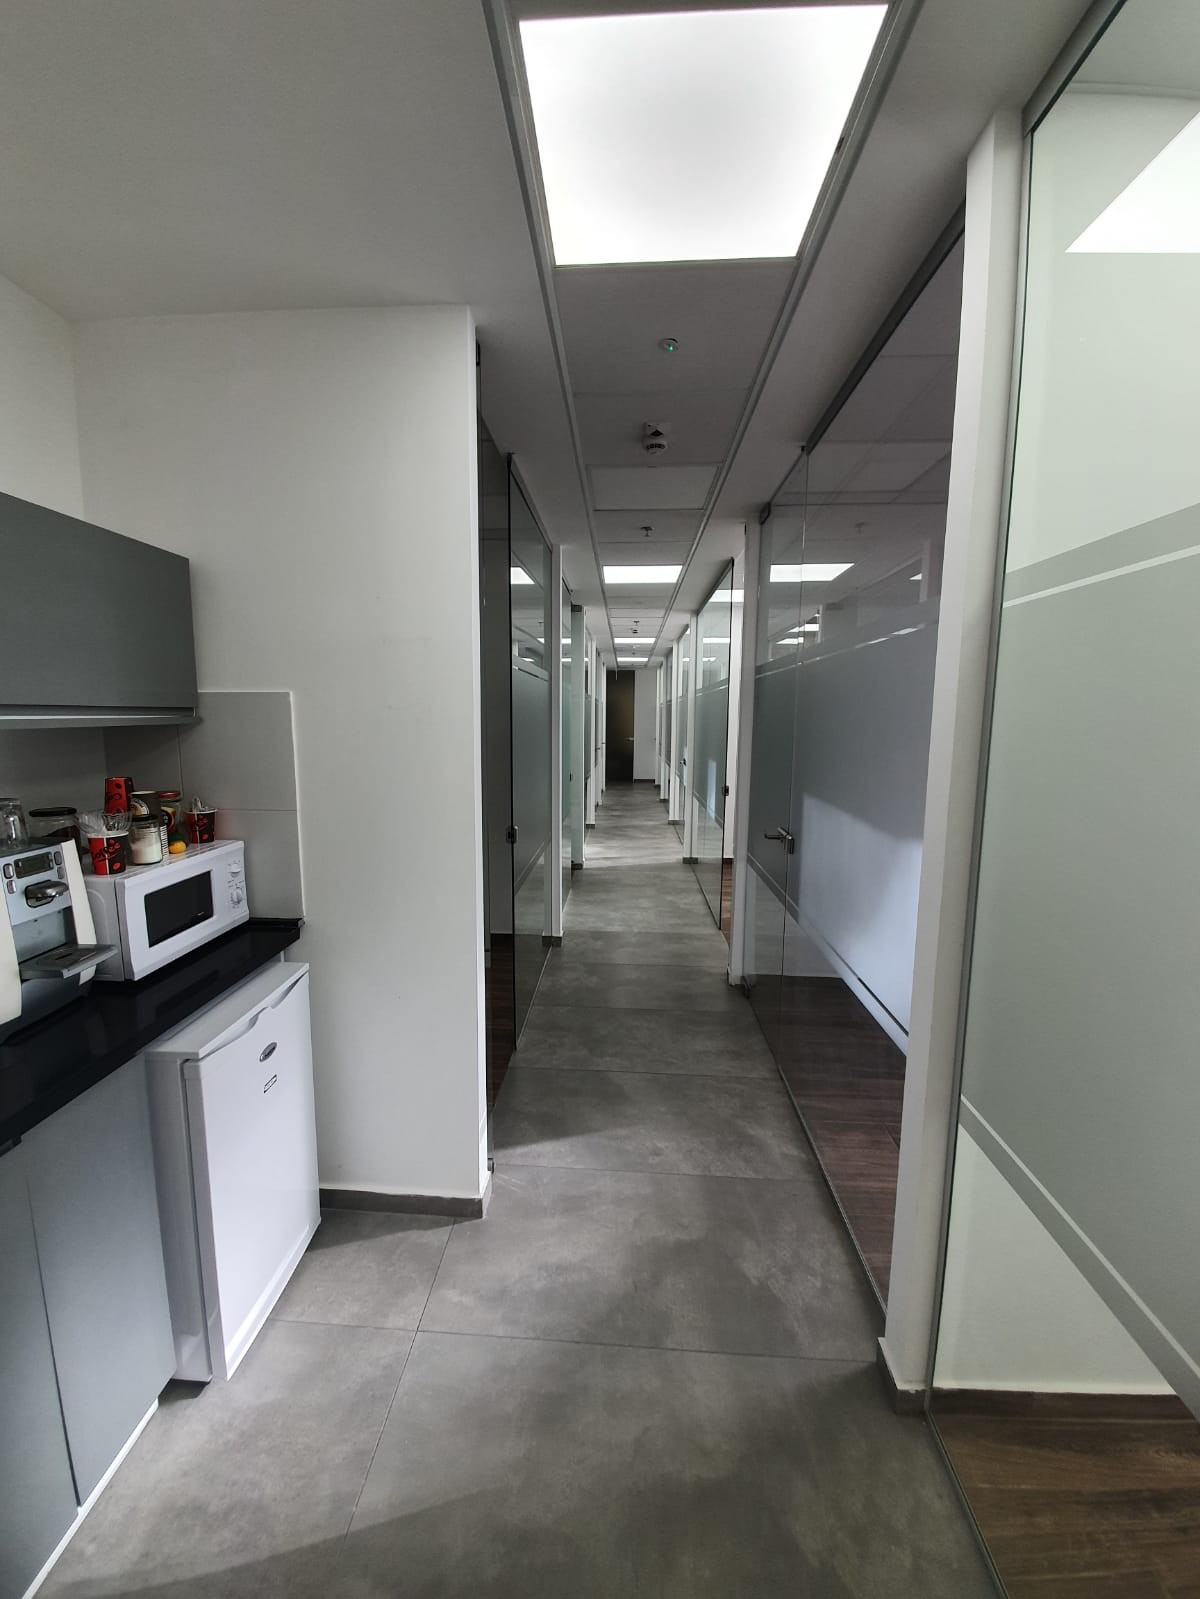 מגדלי אלון משרד למכירה 12 מ